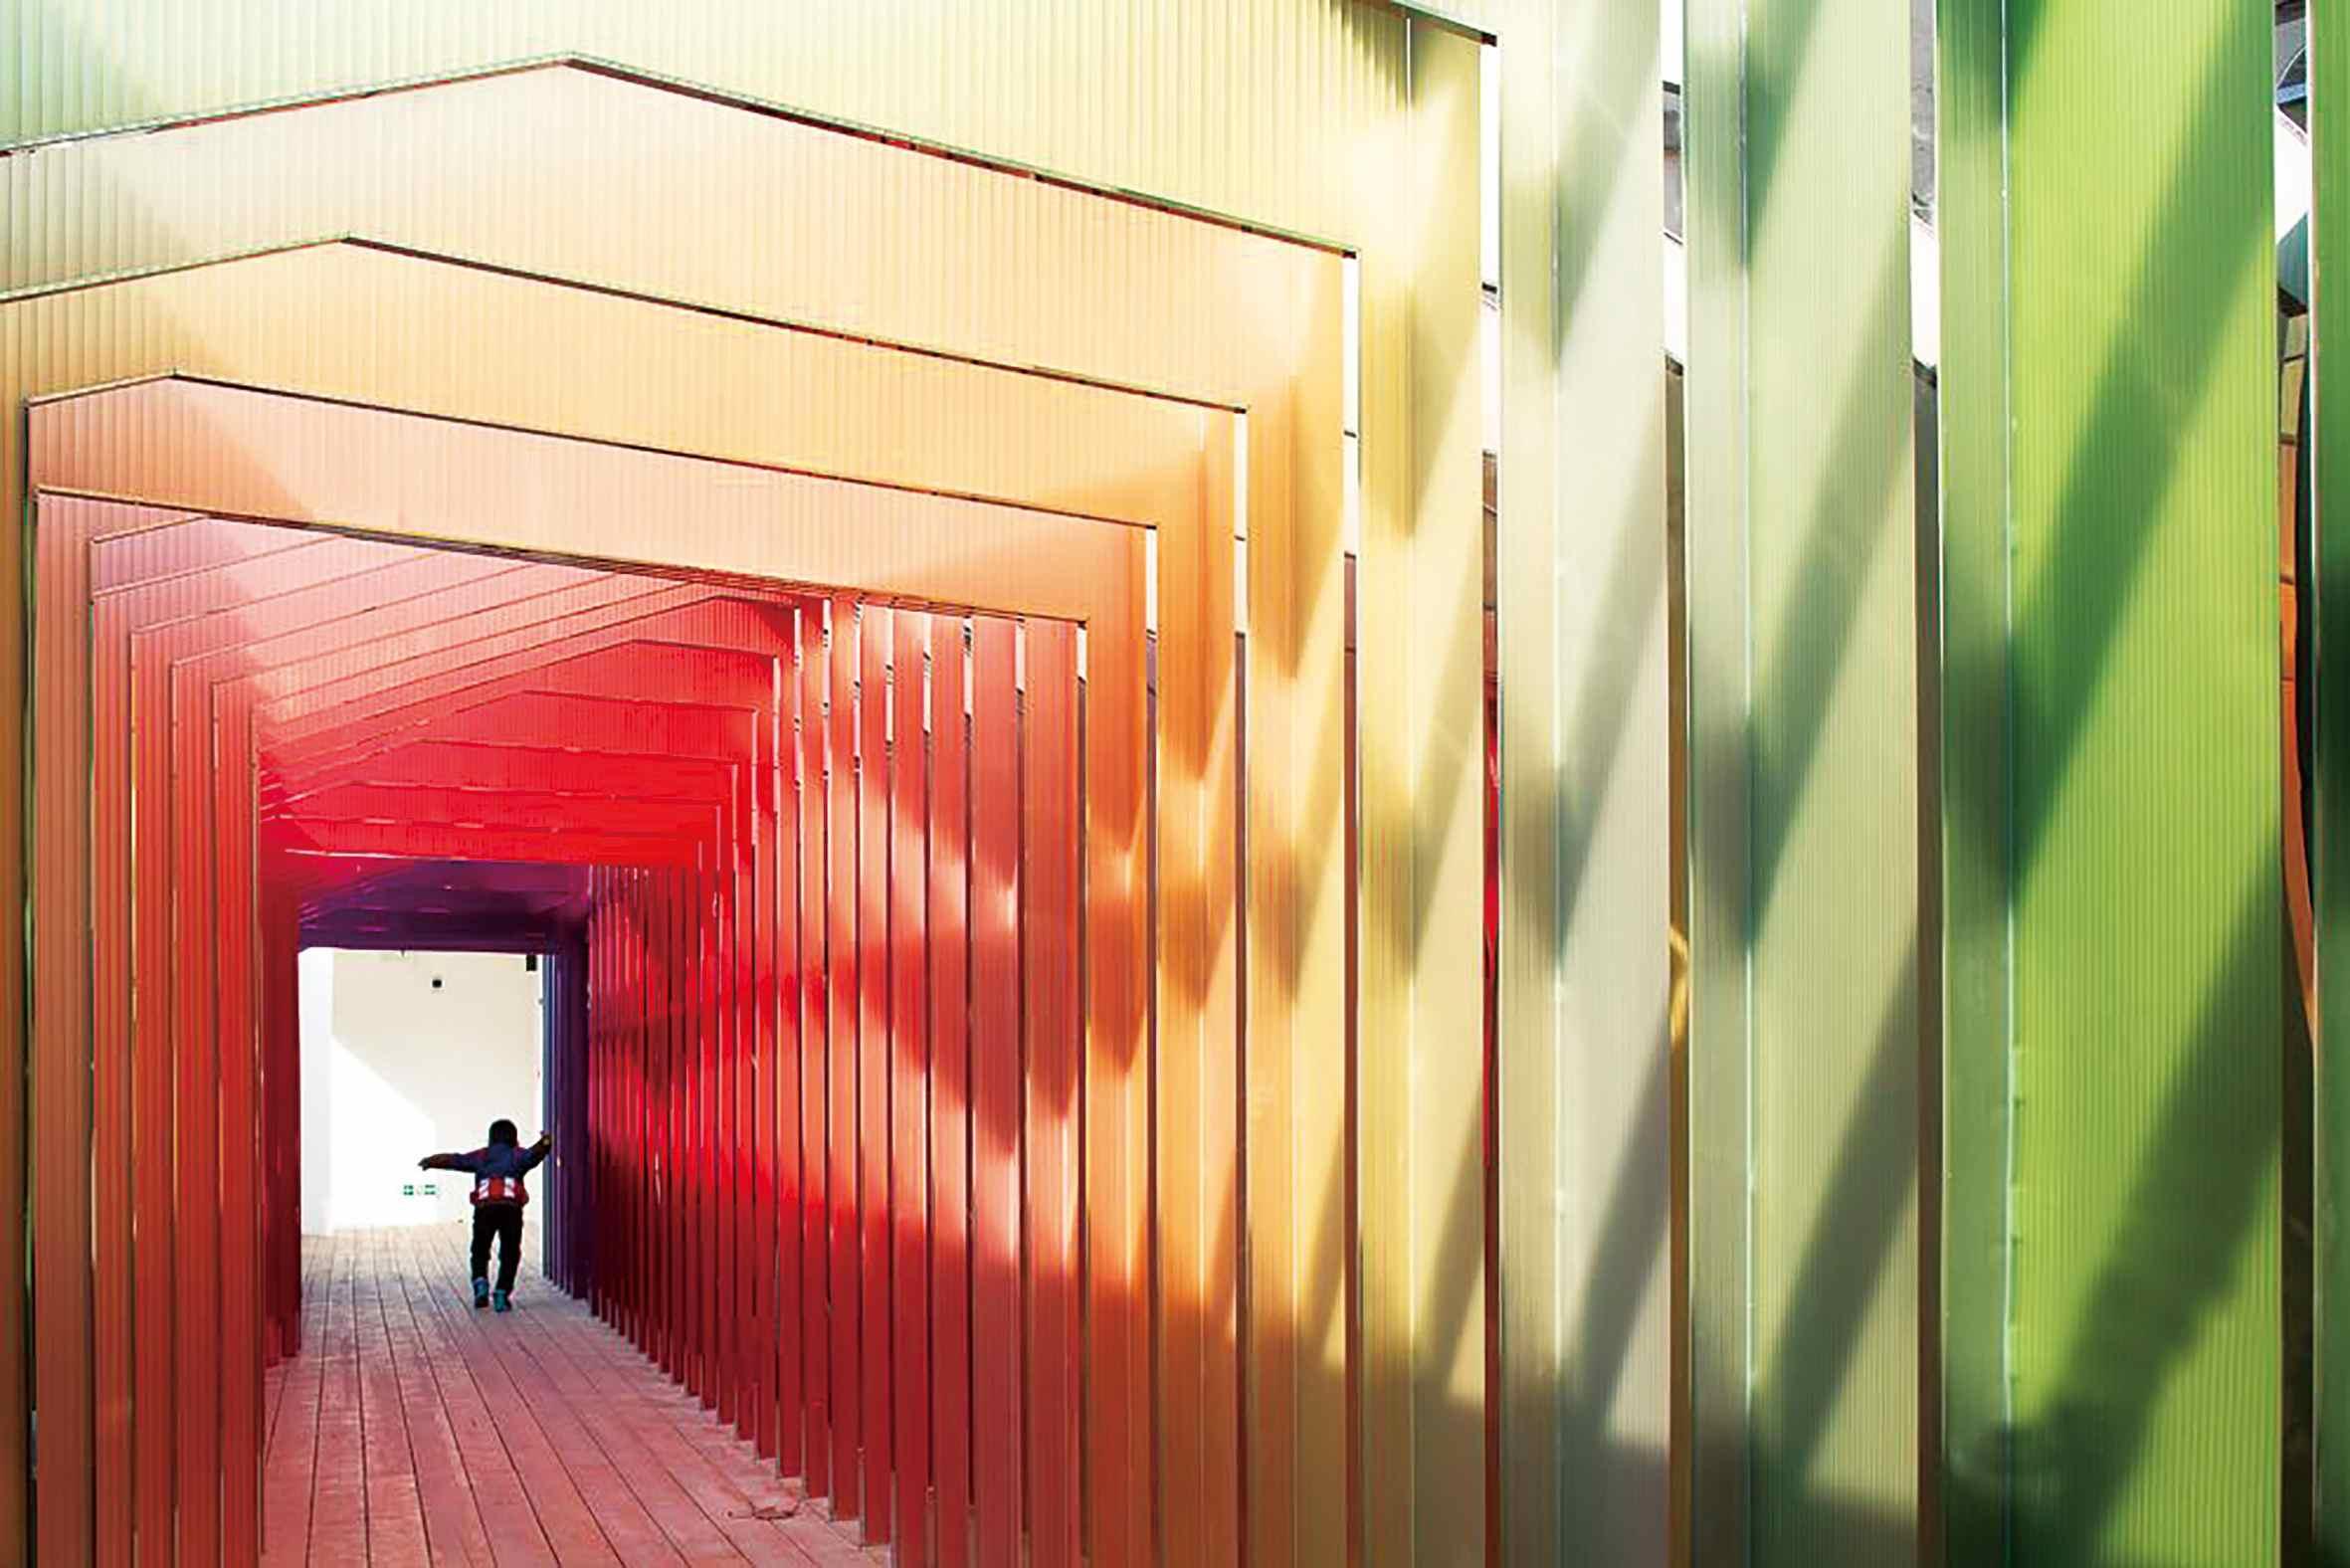 劉海粟美術館于2018年12月正式落成的潑墨長廊